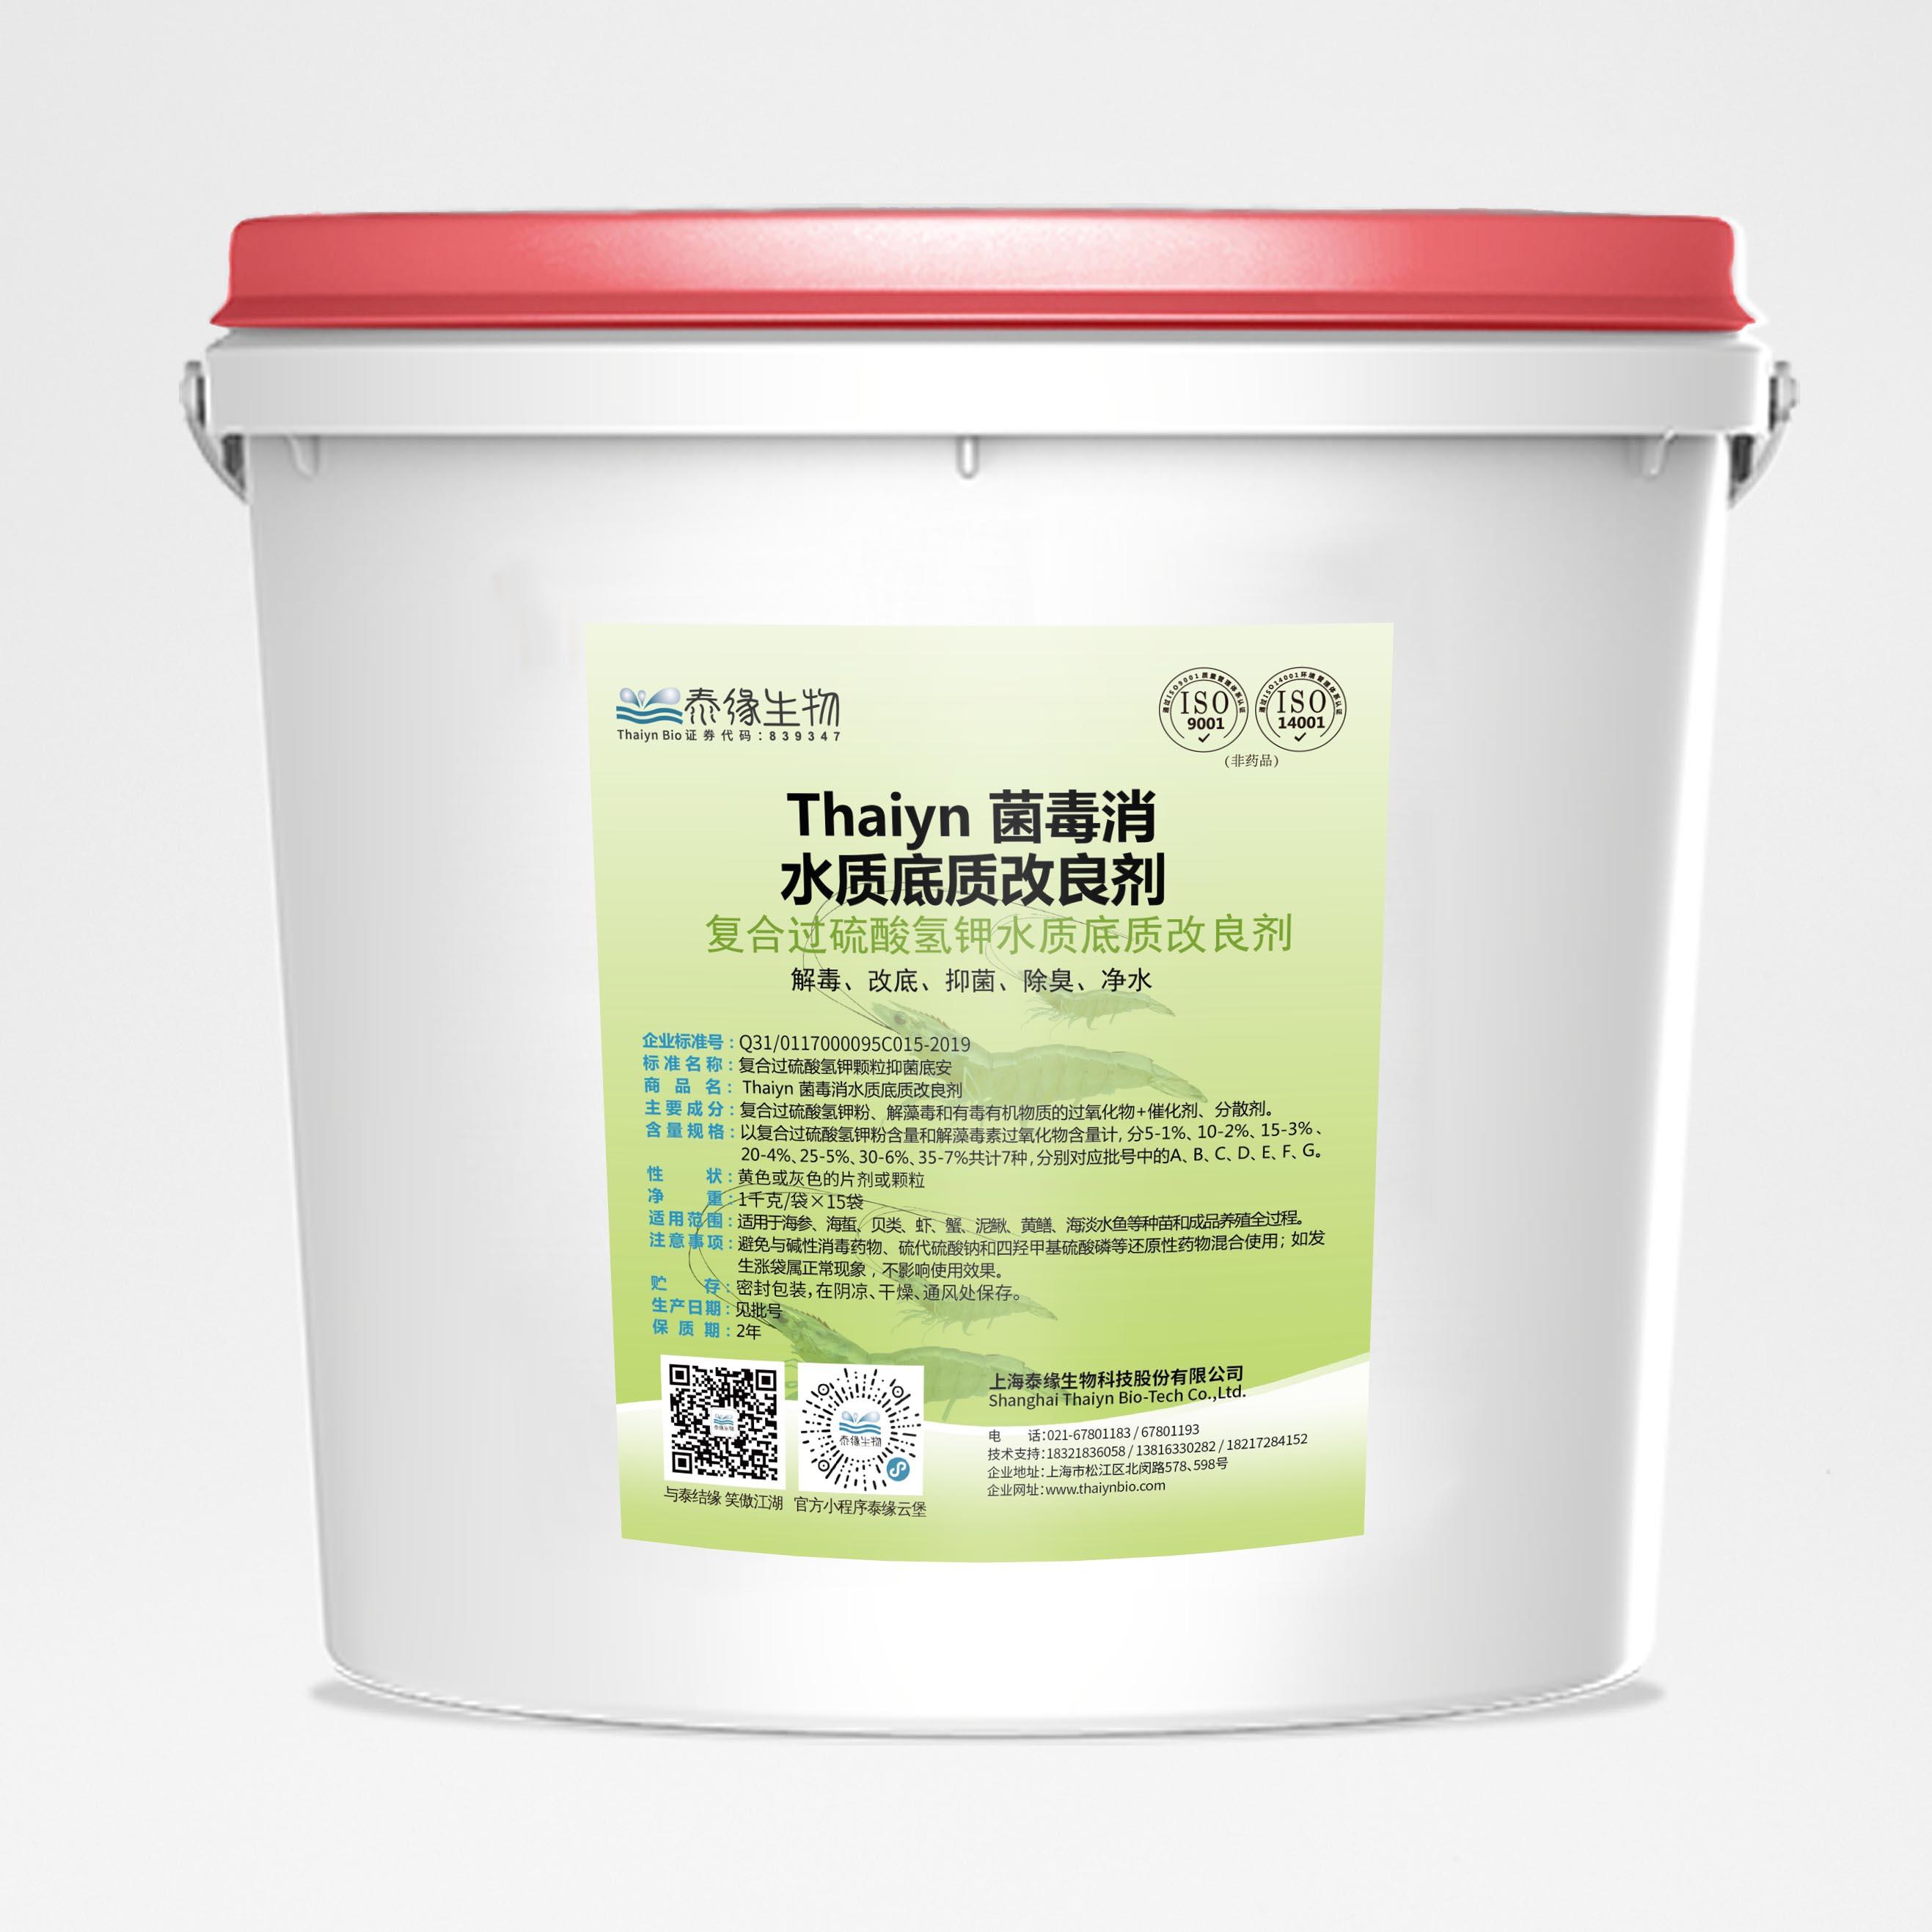 菌毒消水质底质改良剂-桶贴.jpg